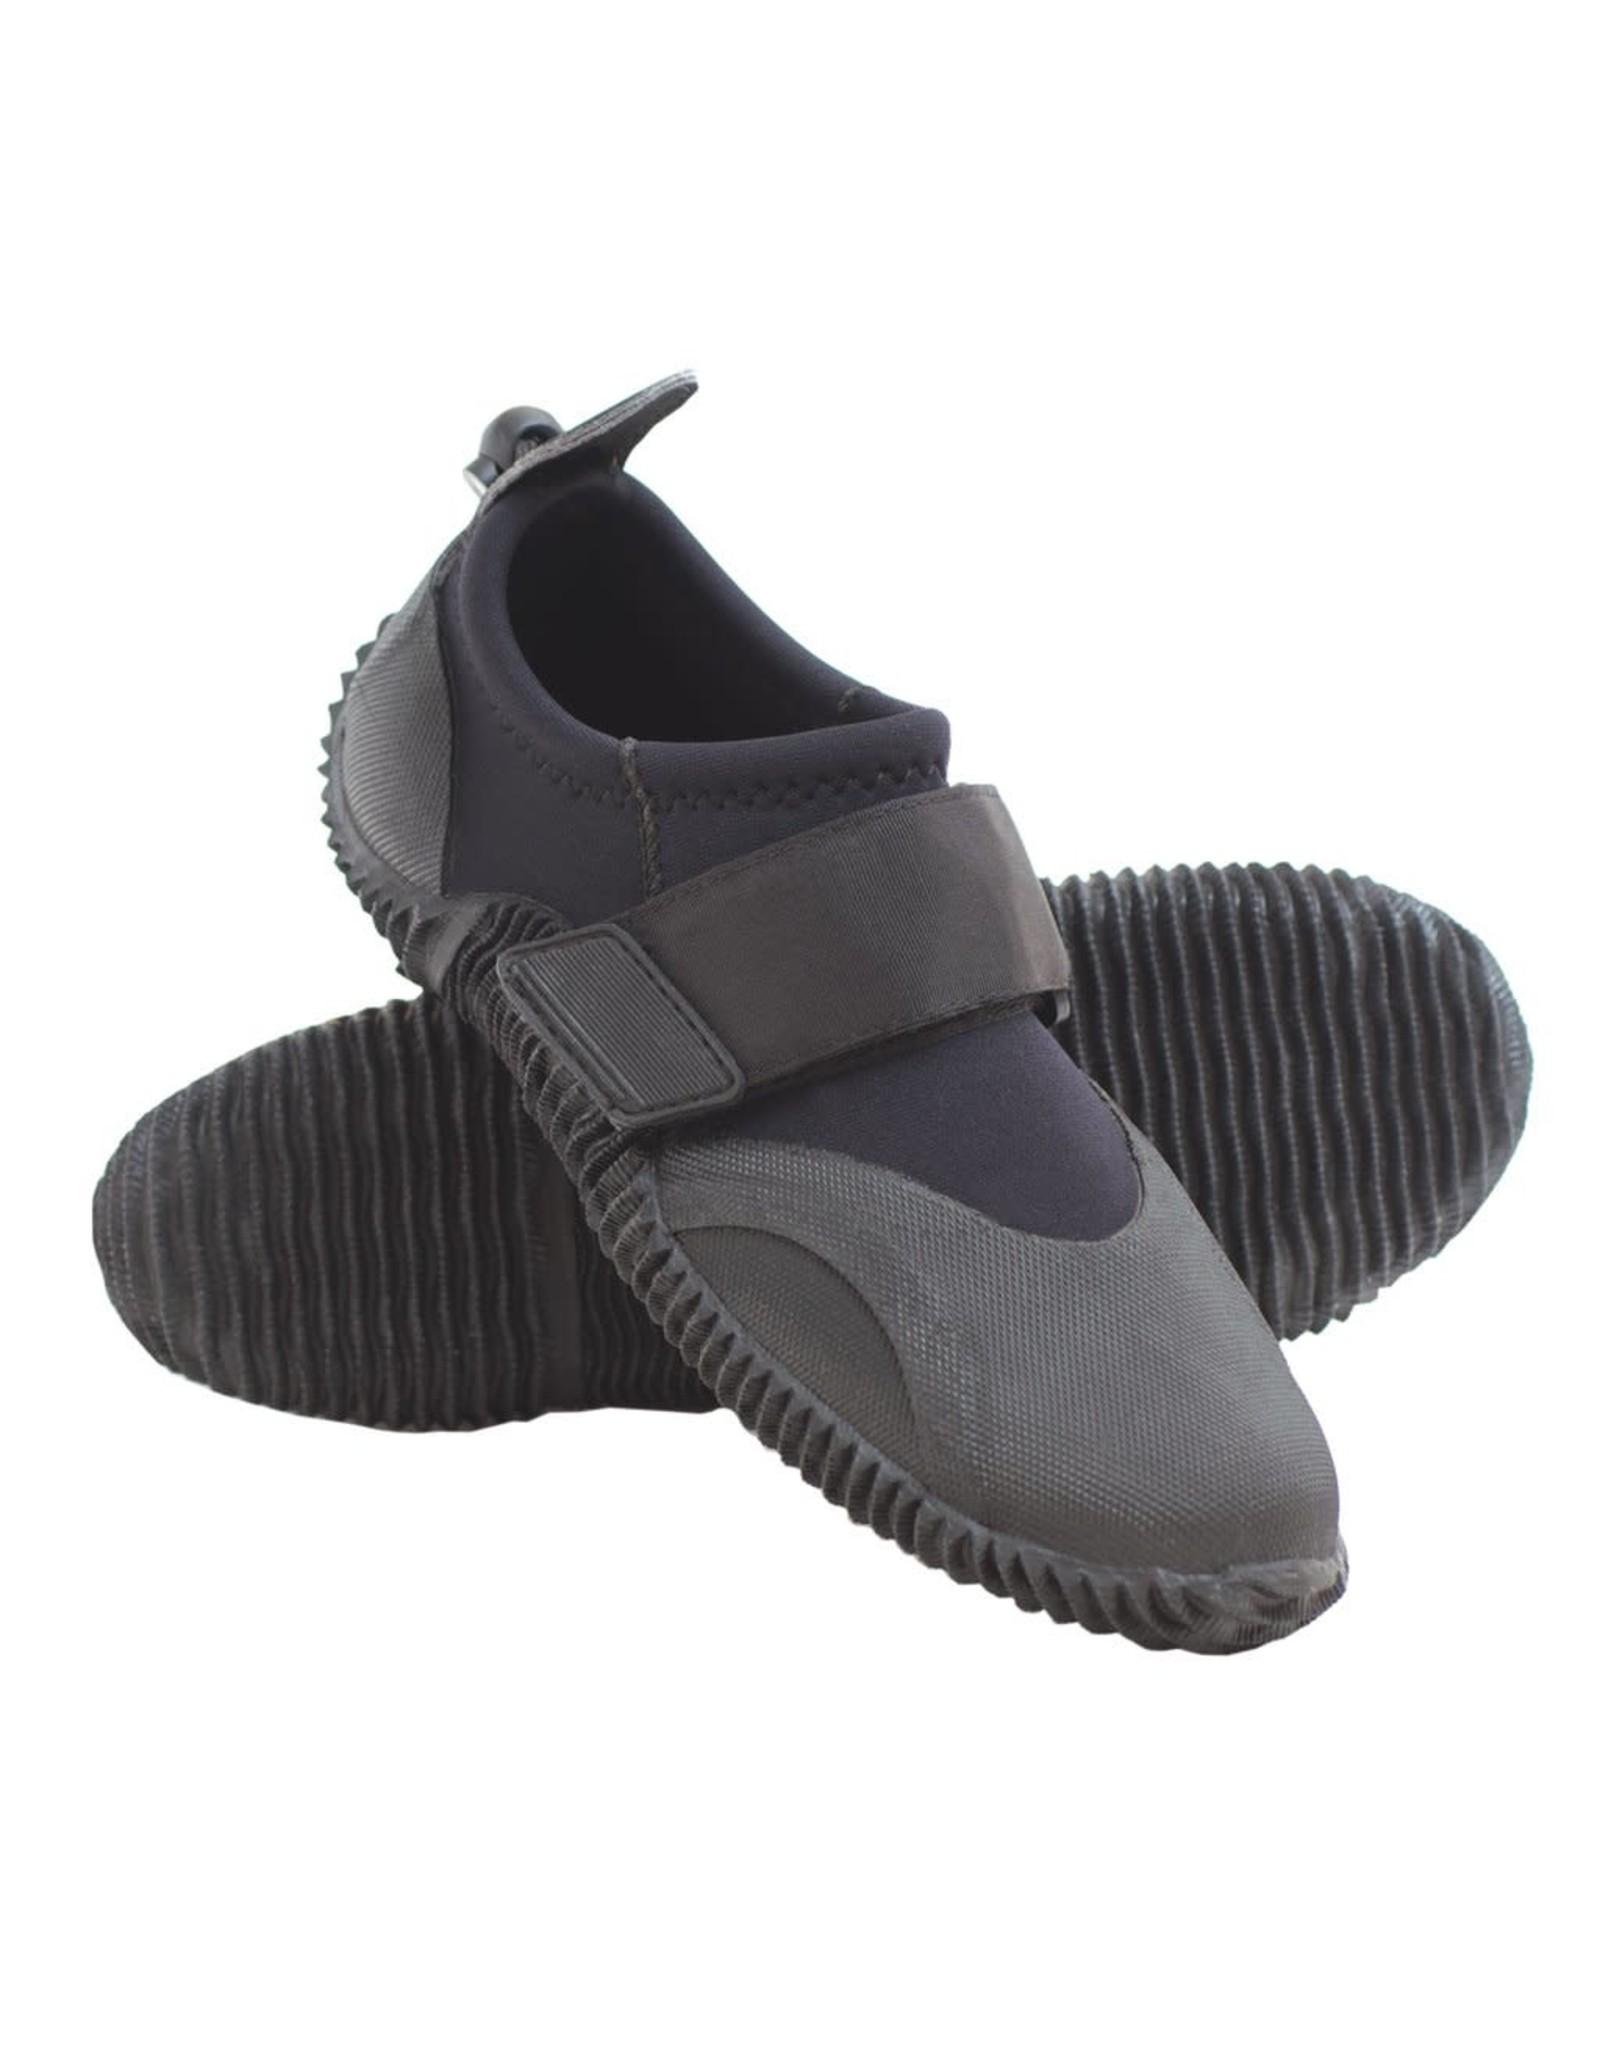 Atlan Atlan water shoe